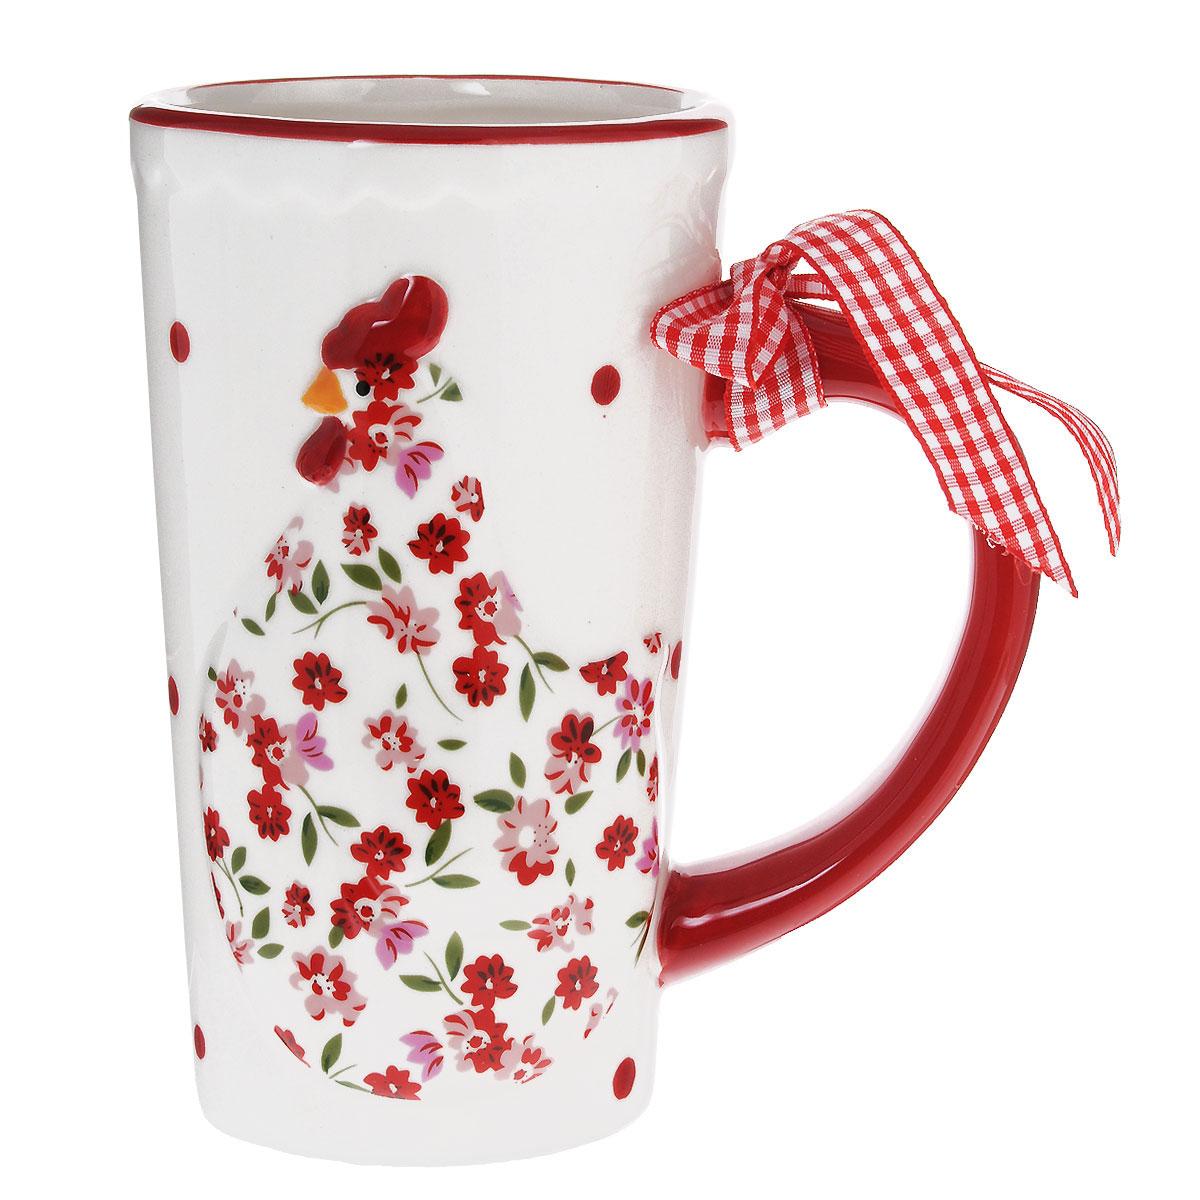 Кружка Lillo Курочка, 600 мл132316Кружка Lillo Курочка выполнена из высококачественной керамики и украшена рельефом в виде милой курочки и текстильным бантом на ручке. Такая кружка порадует вас дизайном и функциональностью, а пить чай или кофе из нее станет еще приятнее.Остерегайтесь сильных ударов. Не применять абразивные чистящие средства. Объем: 600 мл. Диаметр кружки по верхнему краю: 8,5 см. Высота кружки: 15 см.